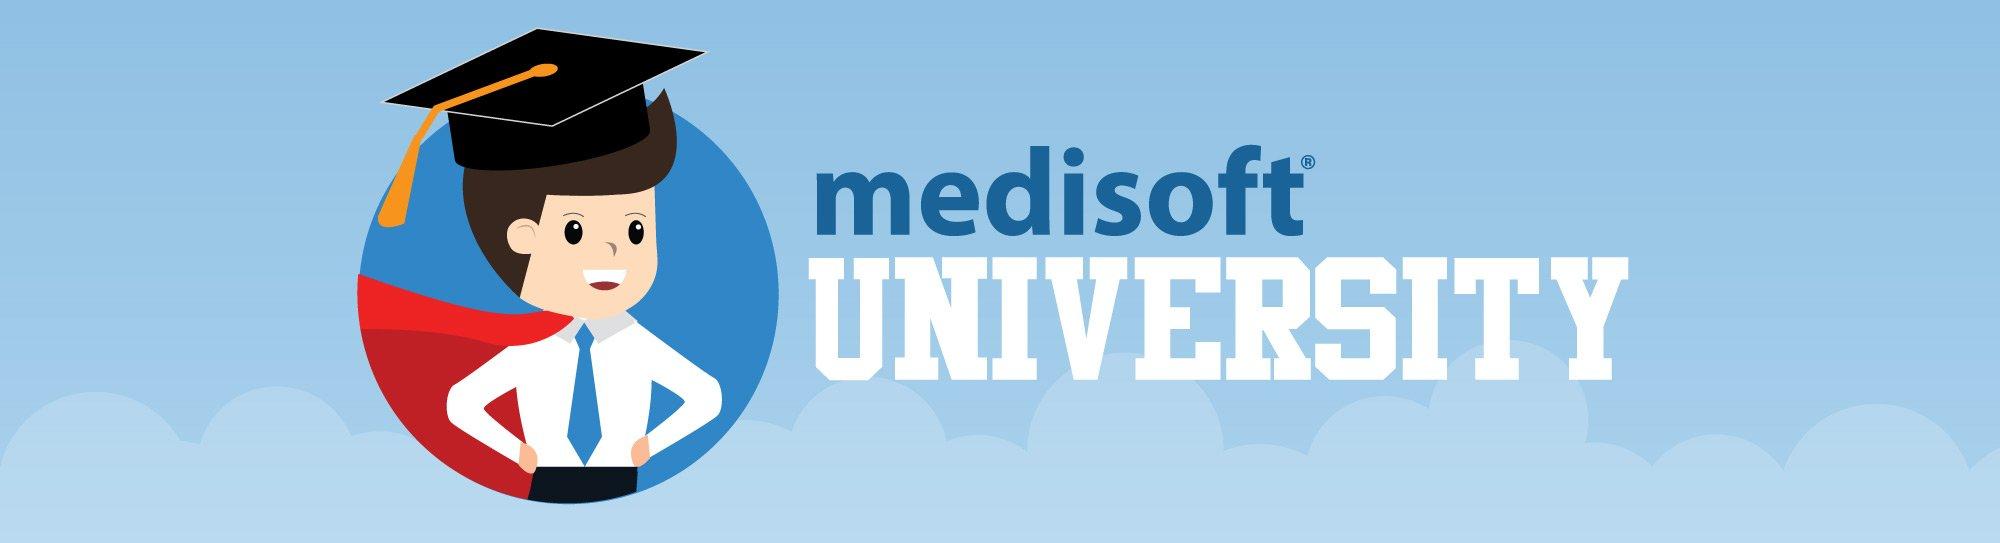 Medisoft University